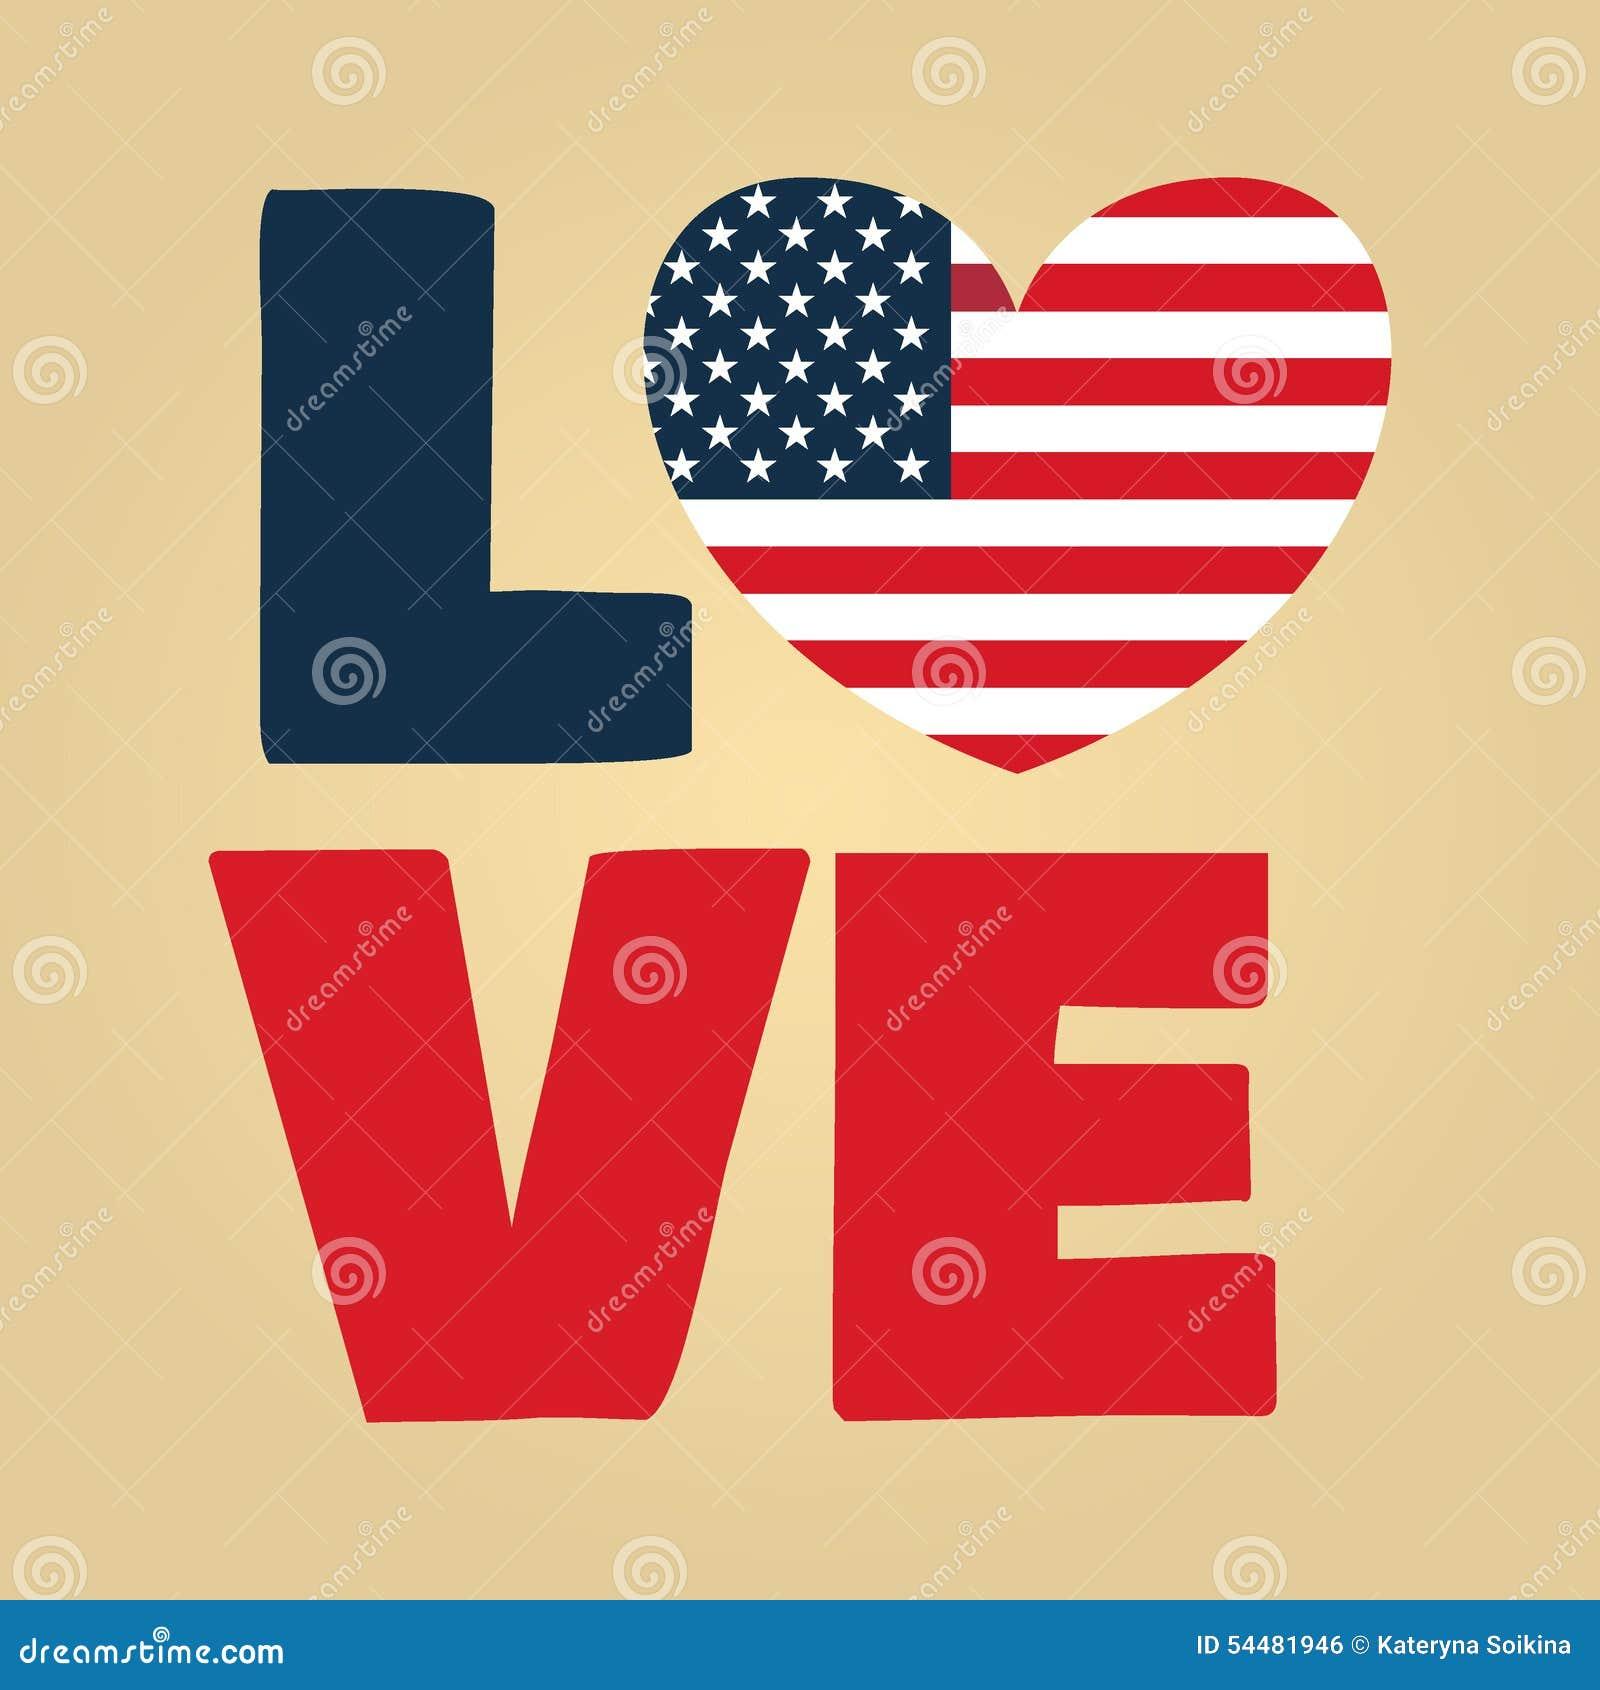 Love USA america